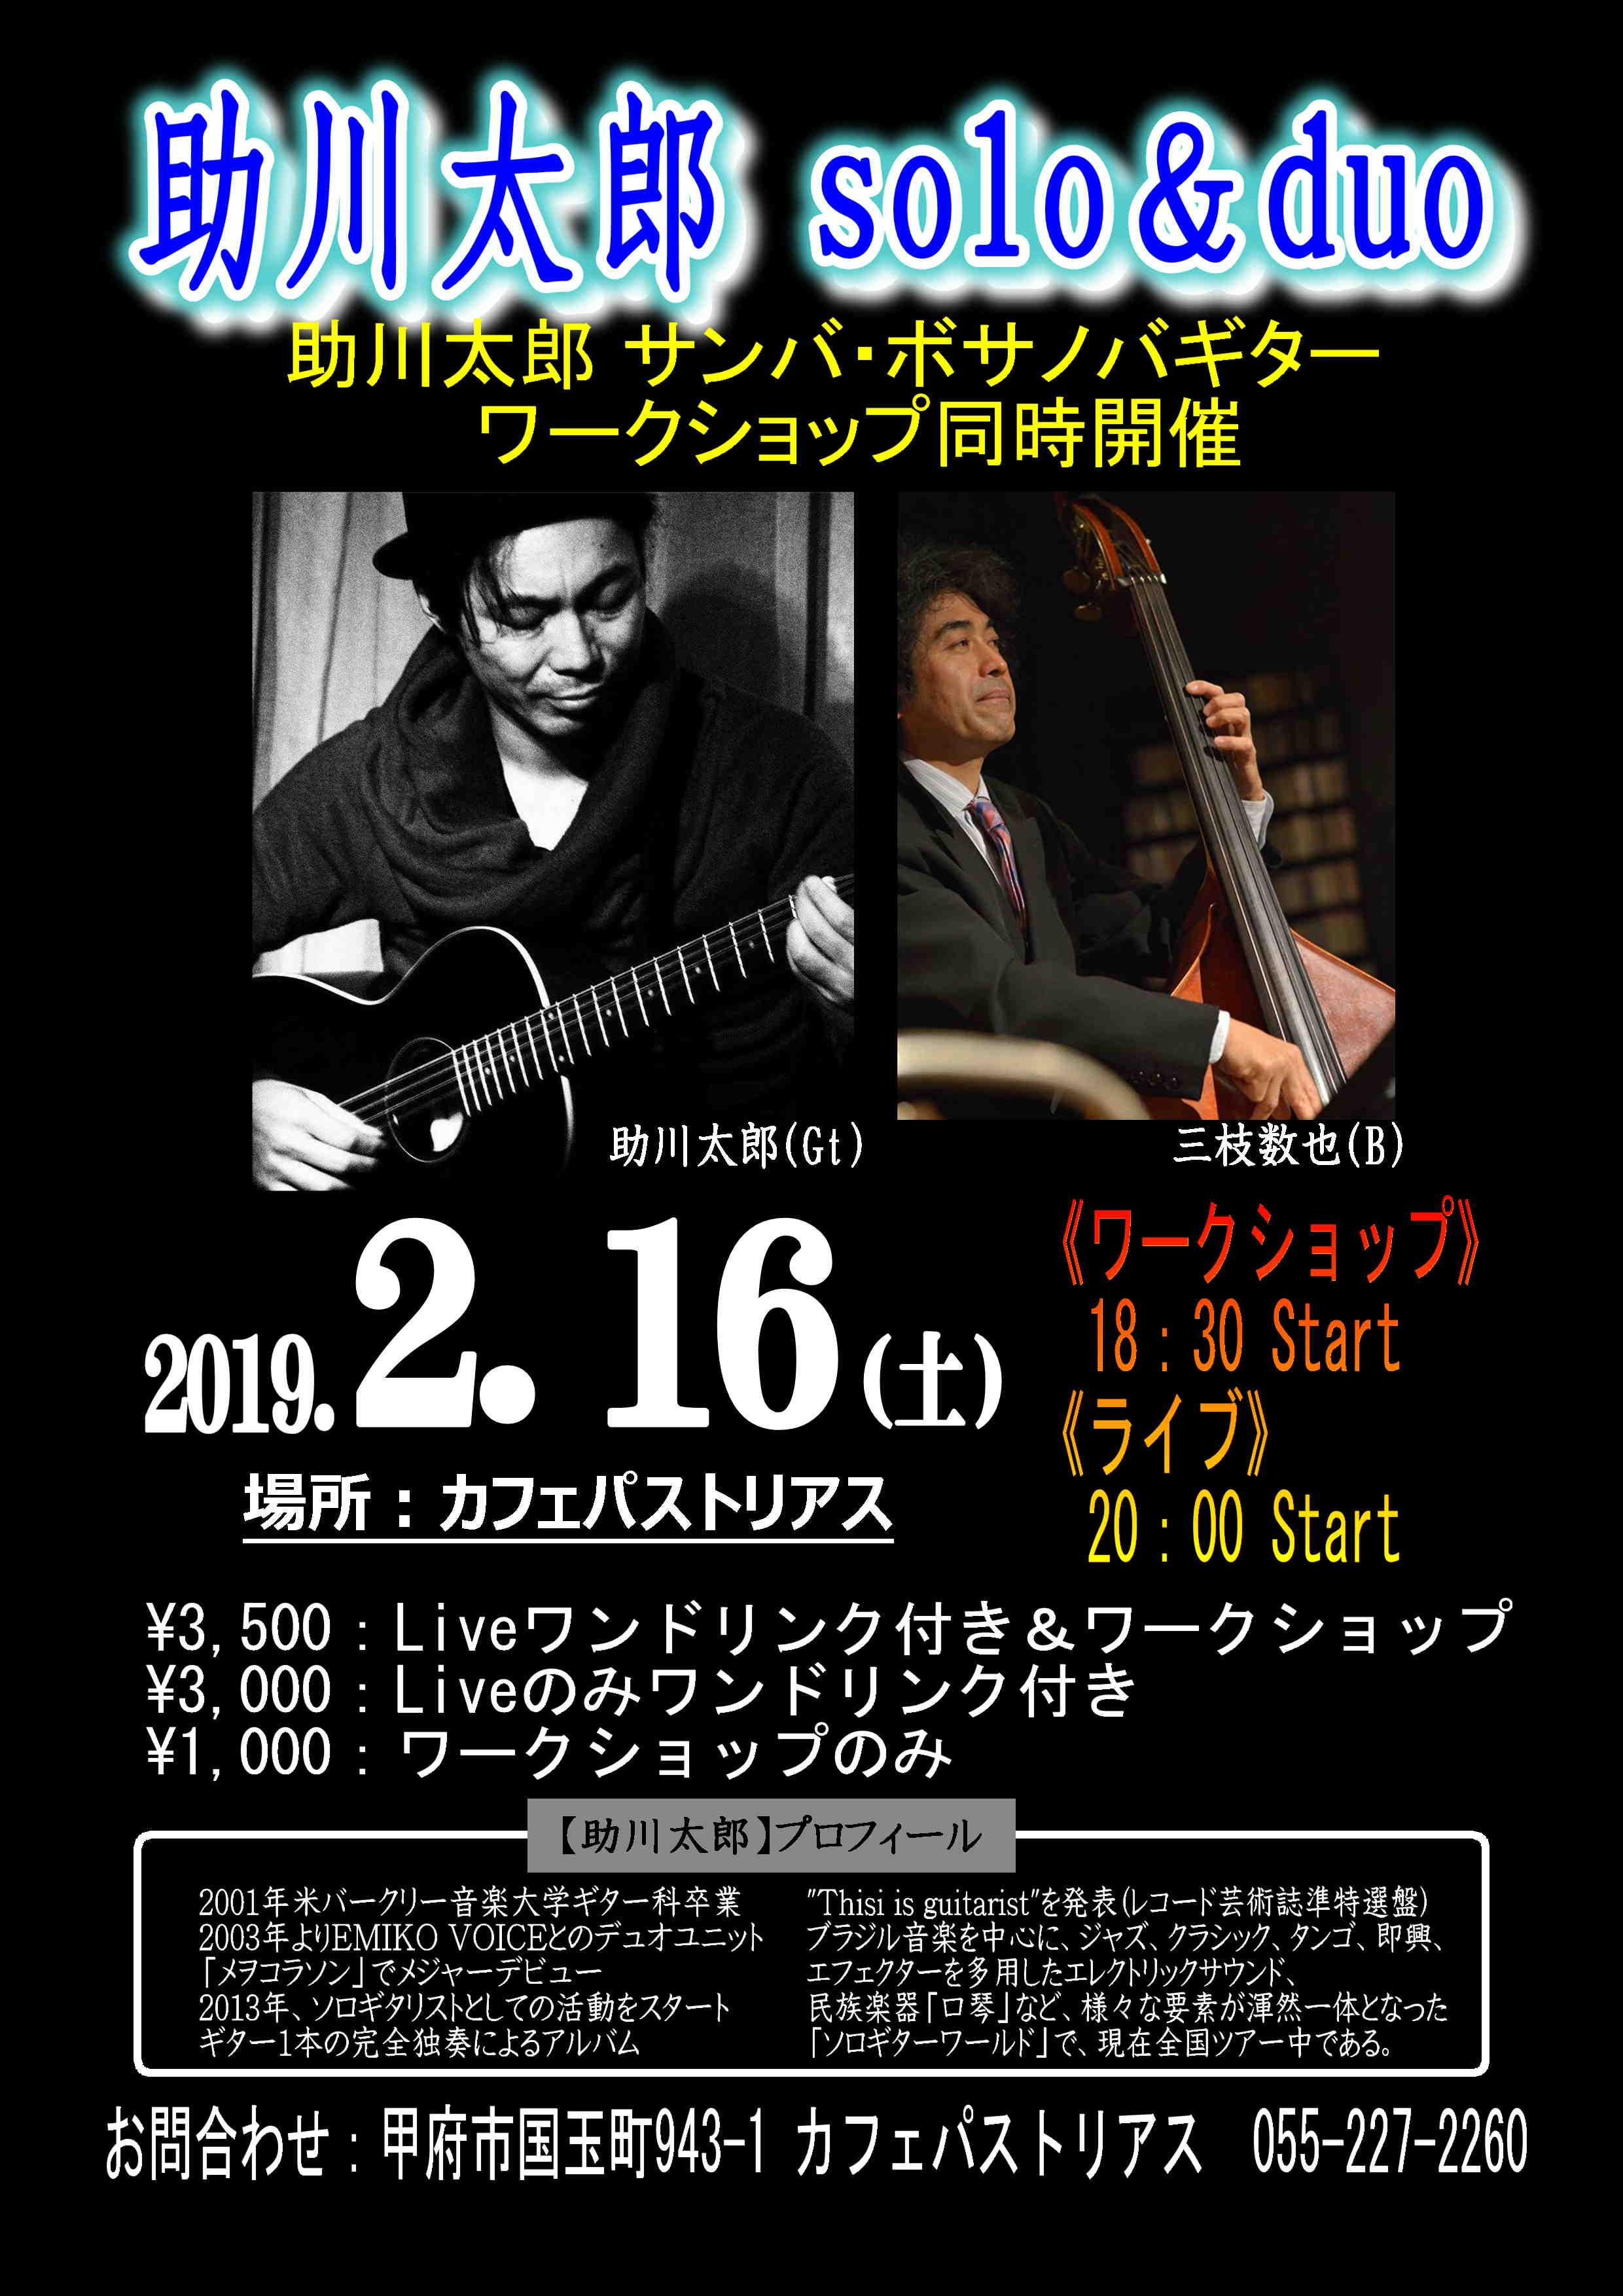 http://kirari-j.com/info/2019/02/14/20190216_0.JPG